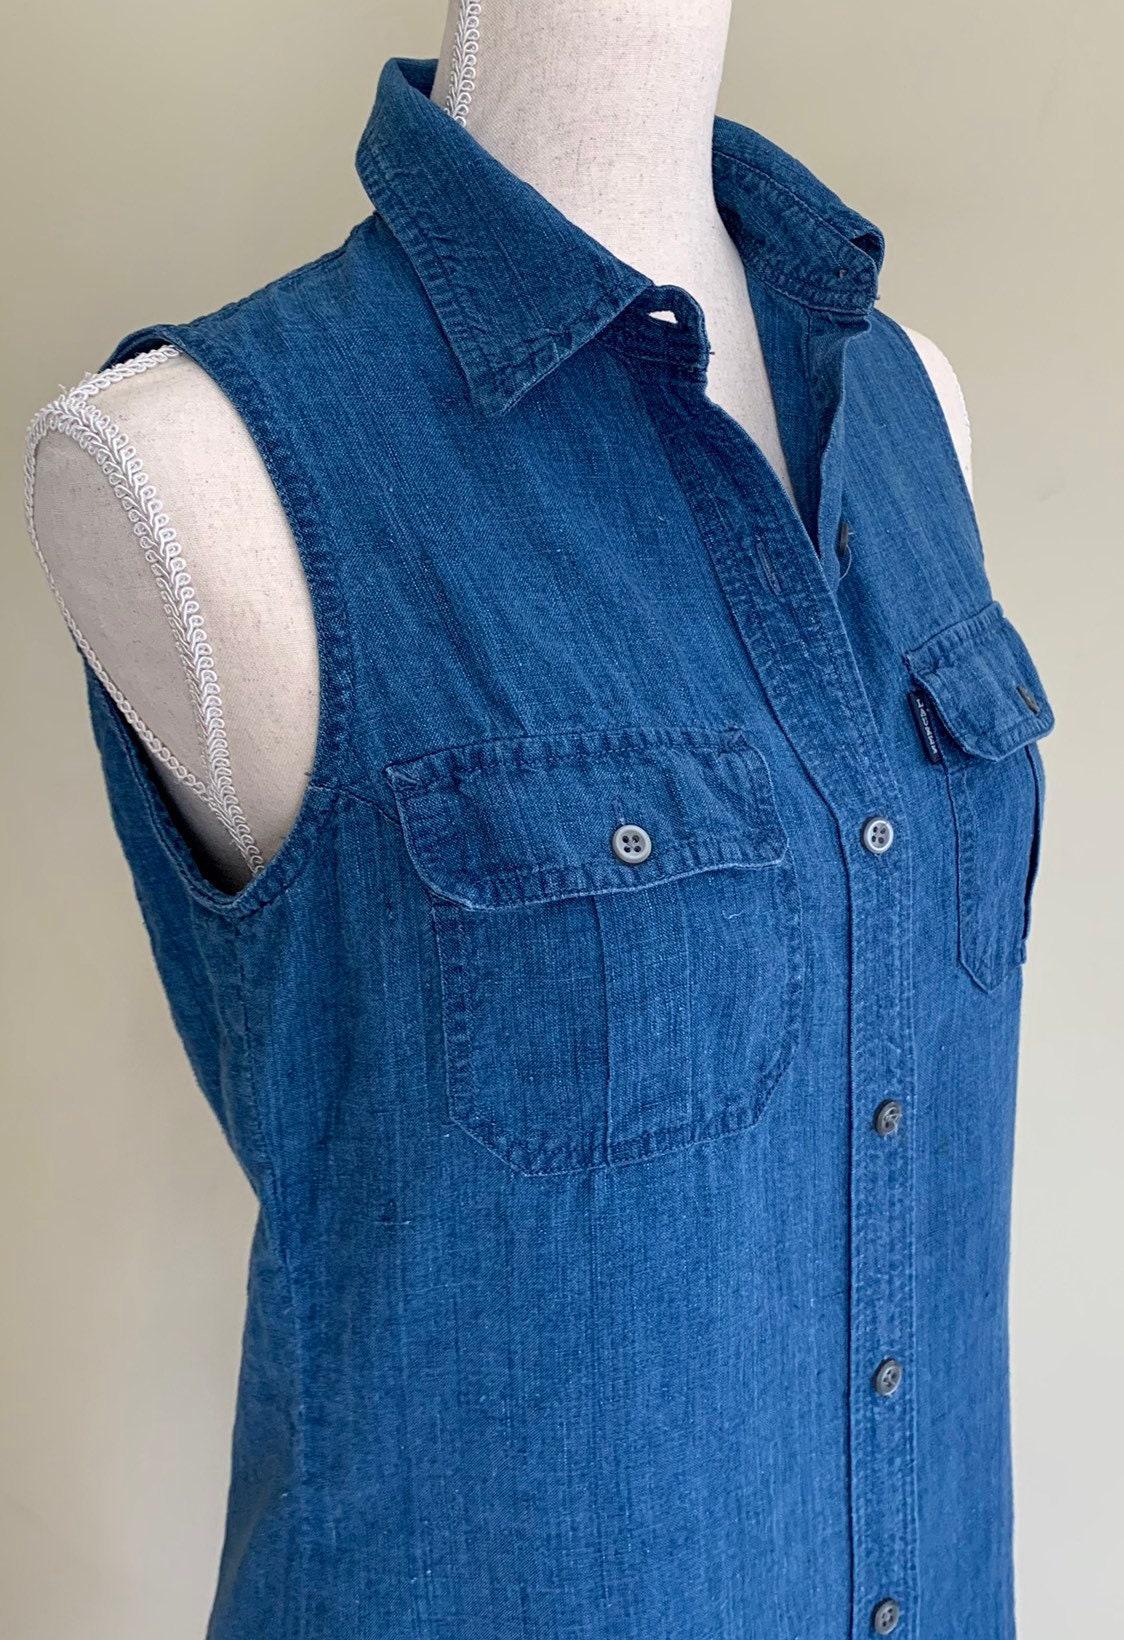 0ca9ce300d Indigo Linen Shirt Dress Ralph by Ralph Lauren Vintage 90s Sleeveless  Button Down Long Maxi Midi Length Blue Denim Jean